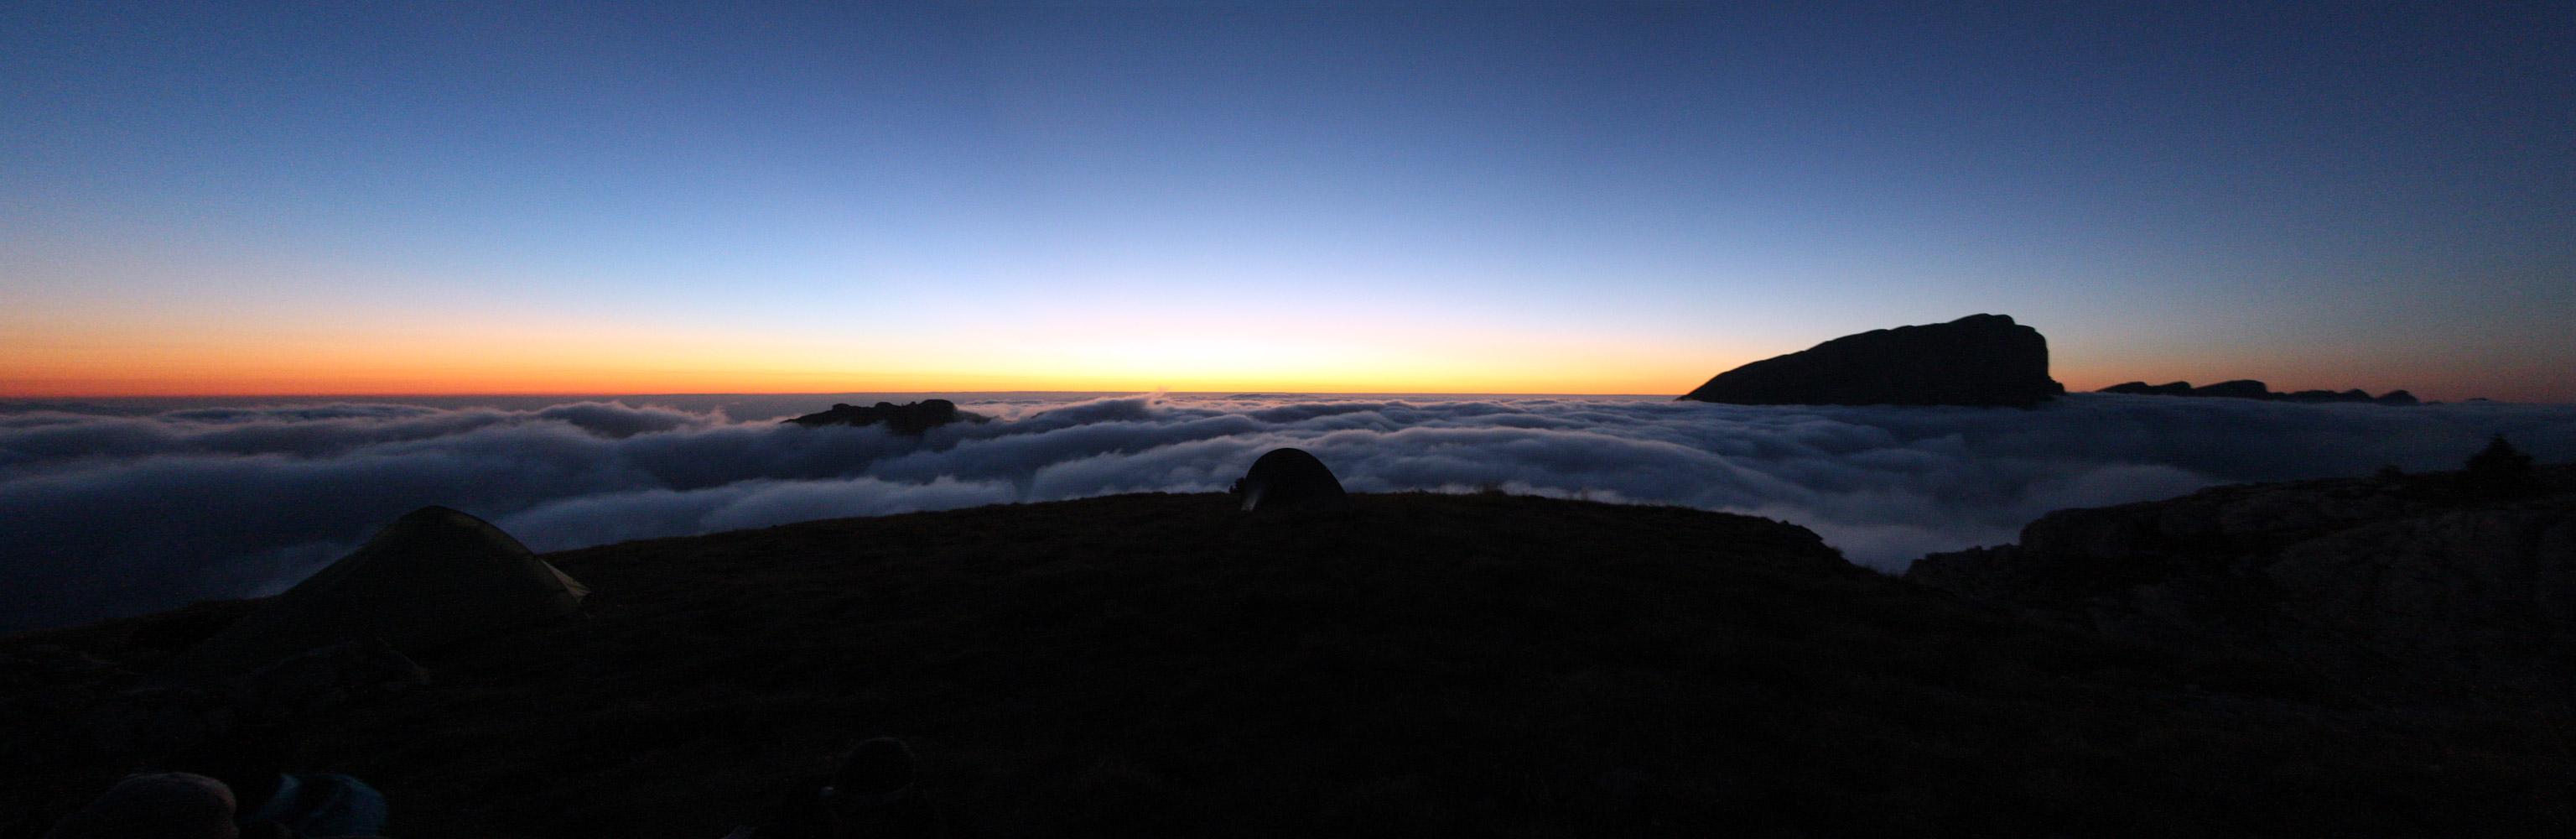 Mont Aiguille. Coucher du soleil au-dessus d'une mer de nuages - édouard photographie © Trace Ta Route